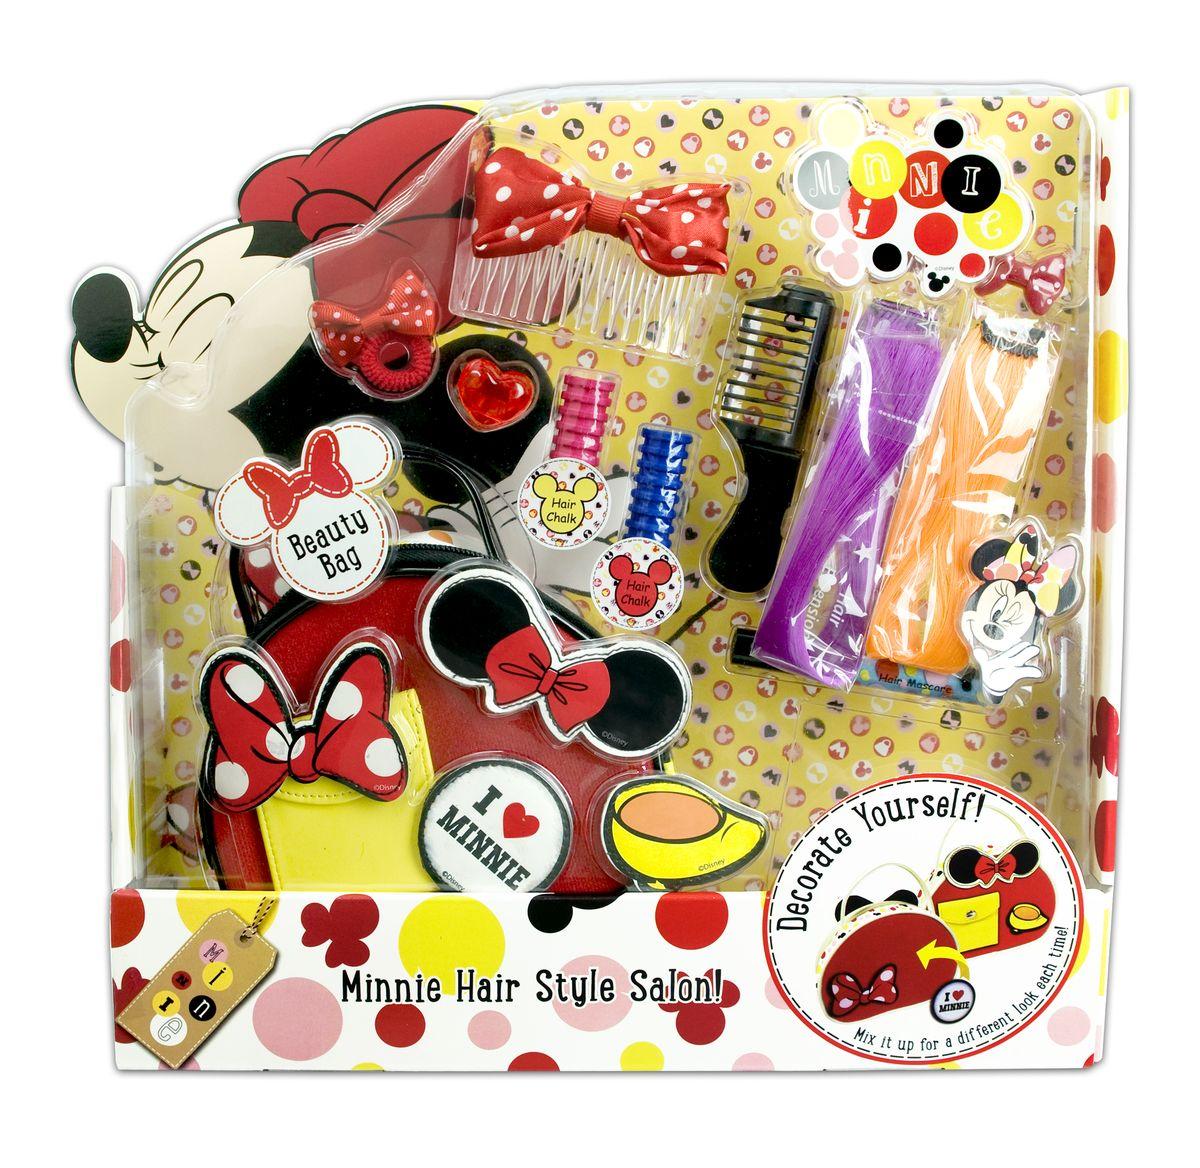 Markwins Игровой набор детской декоративной косметики Minnie 96055519605551Набор детской декоративной косметики Markwins - отличный подарок для девочек!Набор предназначен для создания стильных, оригинальных причесок. Для этого в комплект входит все самое необходимое - заколки, резиночки и другие интересные аксессуары. Хранить их можно в удобной сумочке, которая также входит в комплект. Оформление упаковки особенно понравится поклонницам очаровательной стиляги - мышки Минни.Детская косметика Markwins создана с соблюдением самых высоких европейских стандартов безопасности. Продукция не содержит парабенов, метилизотиазолинона, пальмового масла. Предназначена для детей от 7 лет. Несмотря на высокое качество продукции и ее общую гипоаллергенность, производитель рекомендует проверить индивидуальную реакцию на косметику перед ее использованием. Просто нанесите на кожу немного косметики и подержите 30-60 минут. Если на коже появится покраснение, следует прекратить использование продукции. Эта аллергическая реакция проявляется очень редко и зависит от индивидуальных особенностей организма.Условия хранения: хранить при температуре от +5 до +25 градусов; не допускать попадания прямых солнечных лучей.